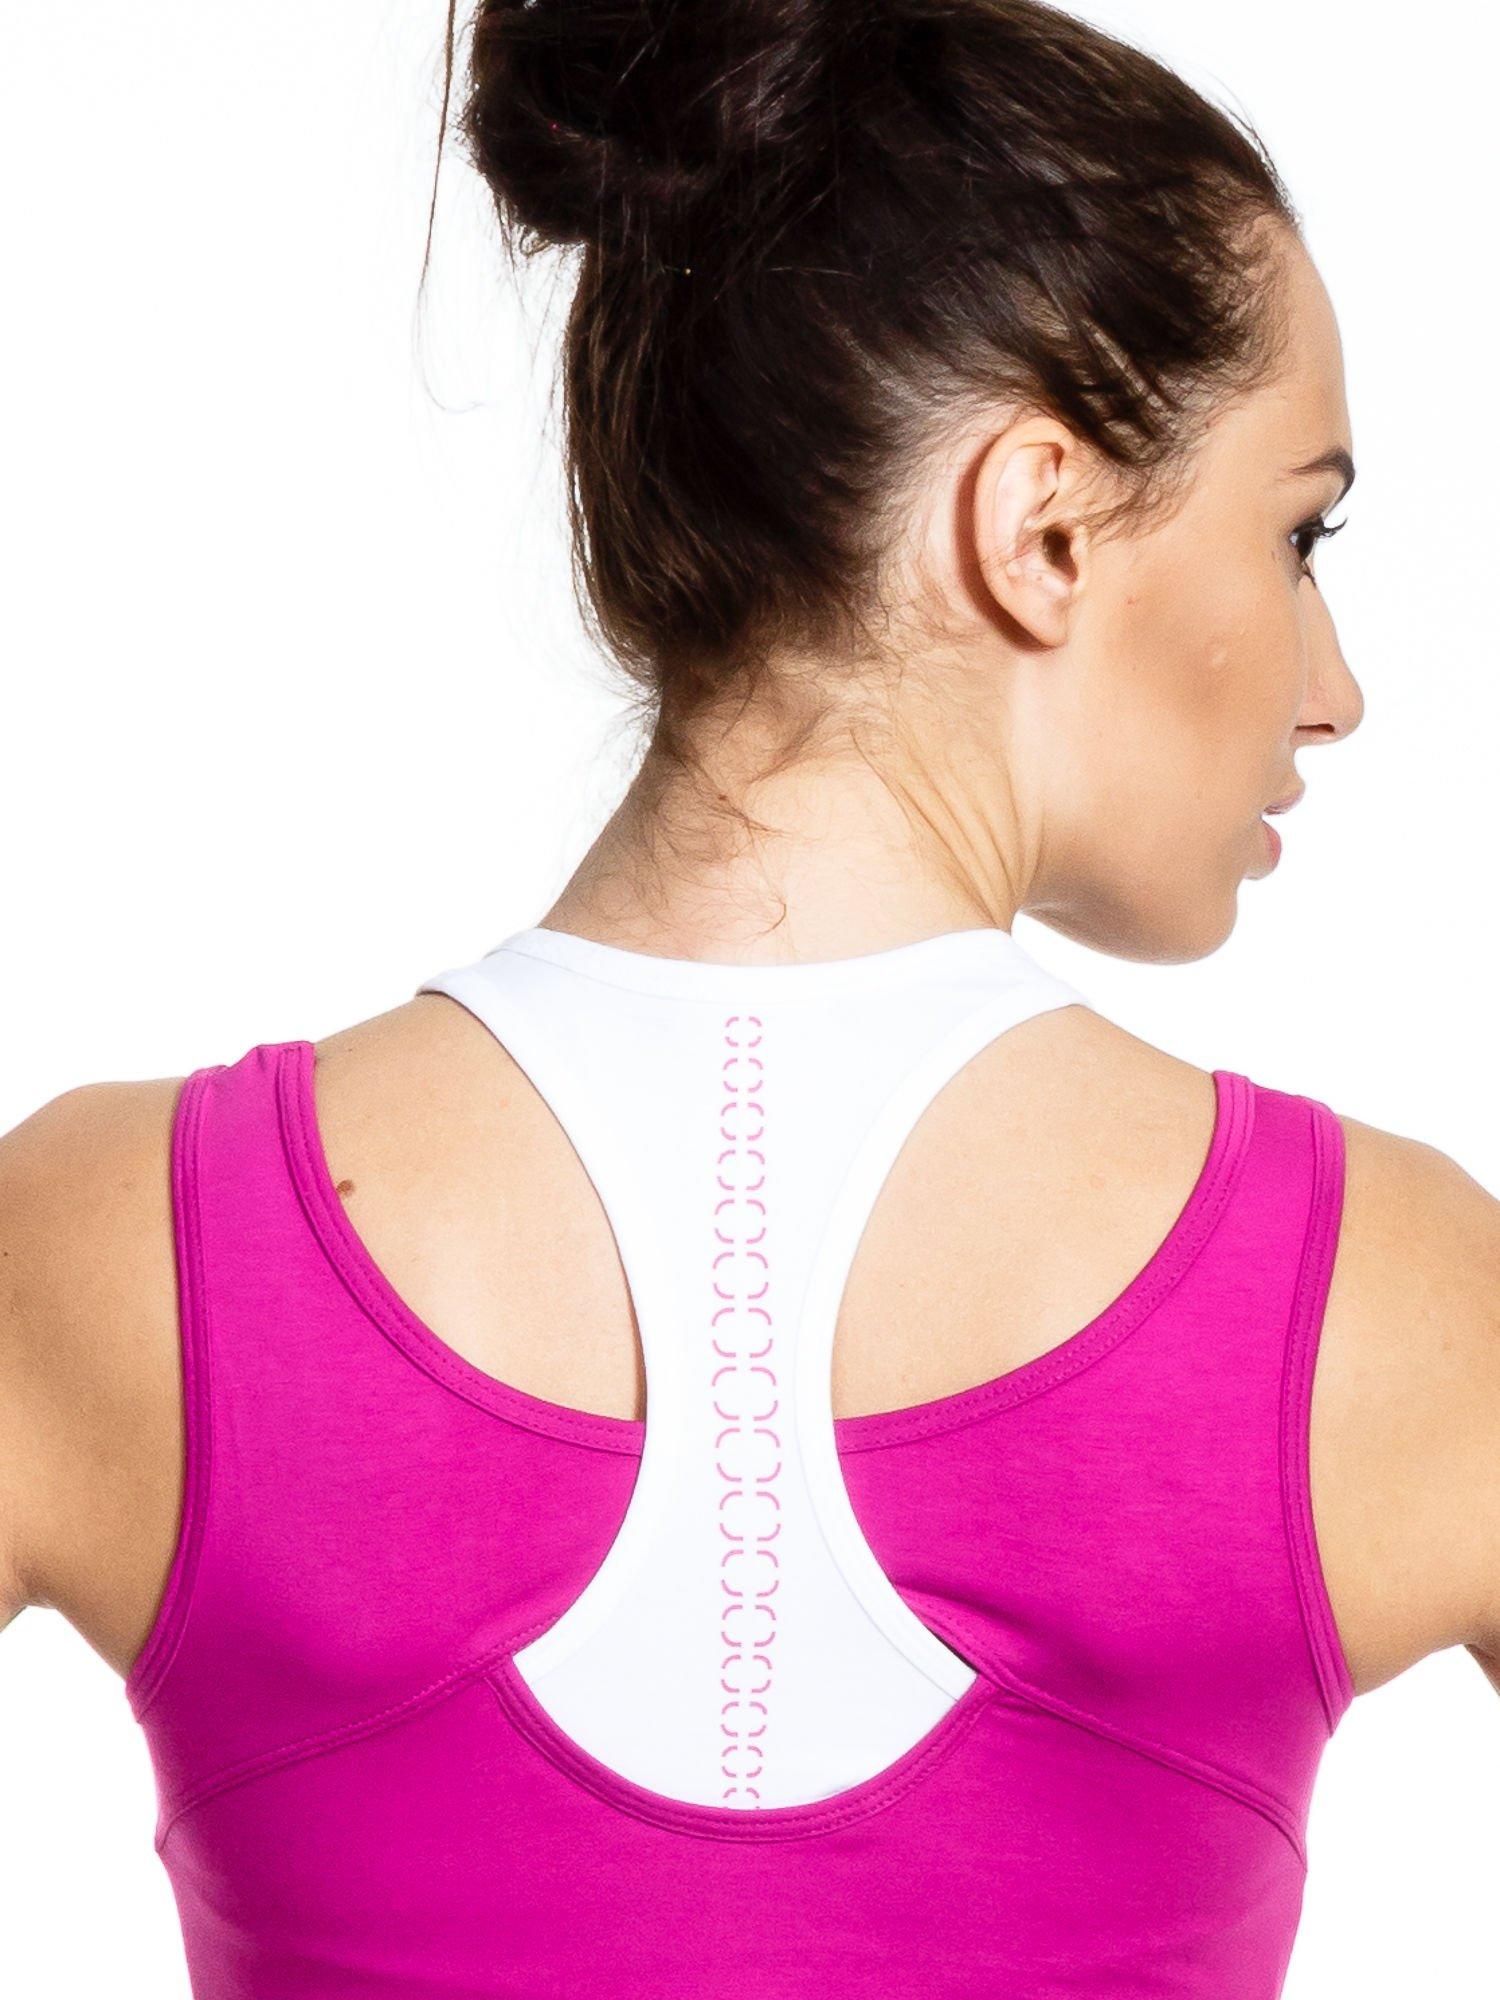 Fioletowy top sportowy z podwójnymi ramiączkami                                  zdj.                                  5